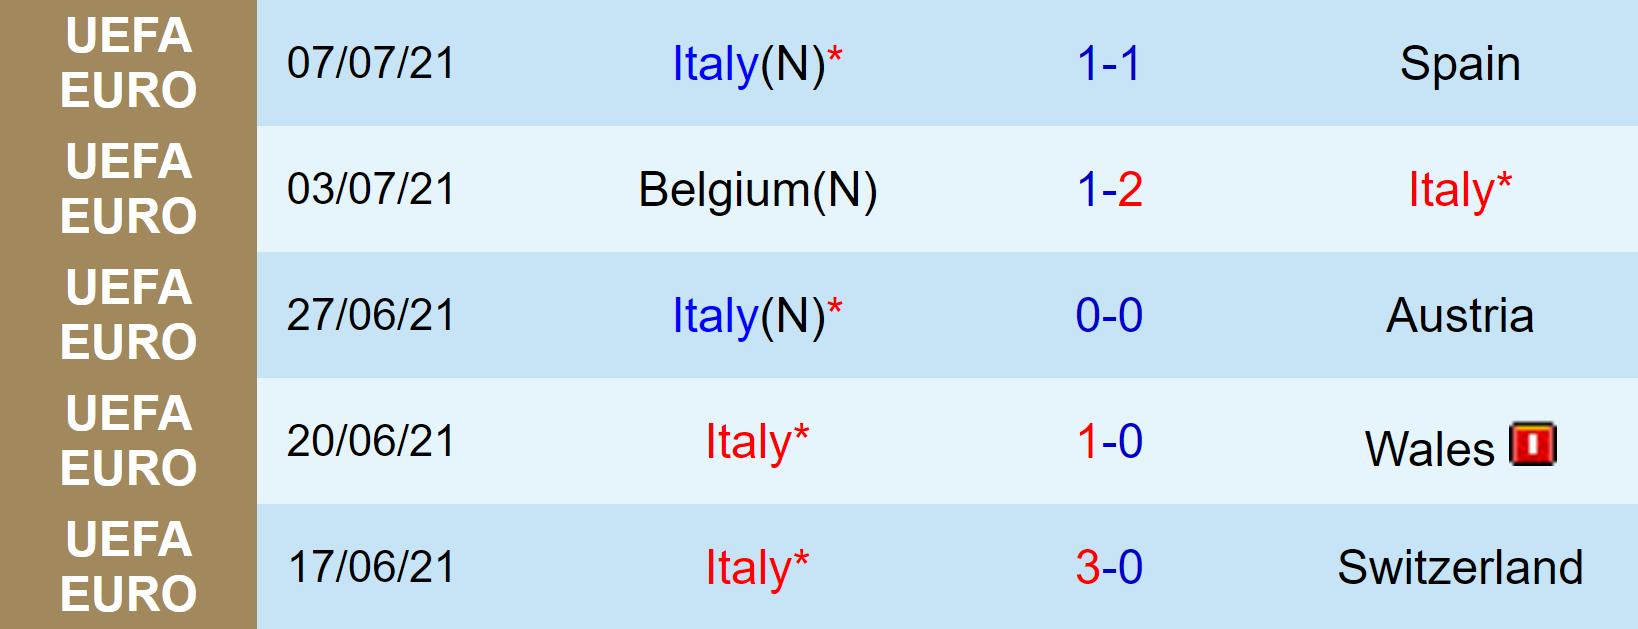 Nhận định, soi kèo, dự đoán Ý vs Anh, chung kết EURO 2020 - Ảnh 4.